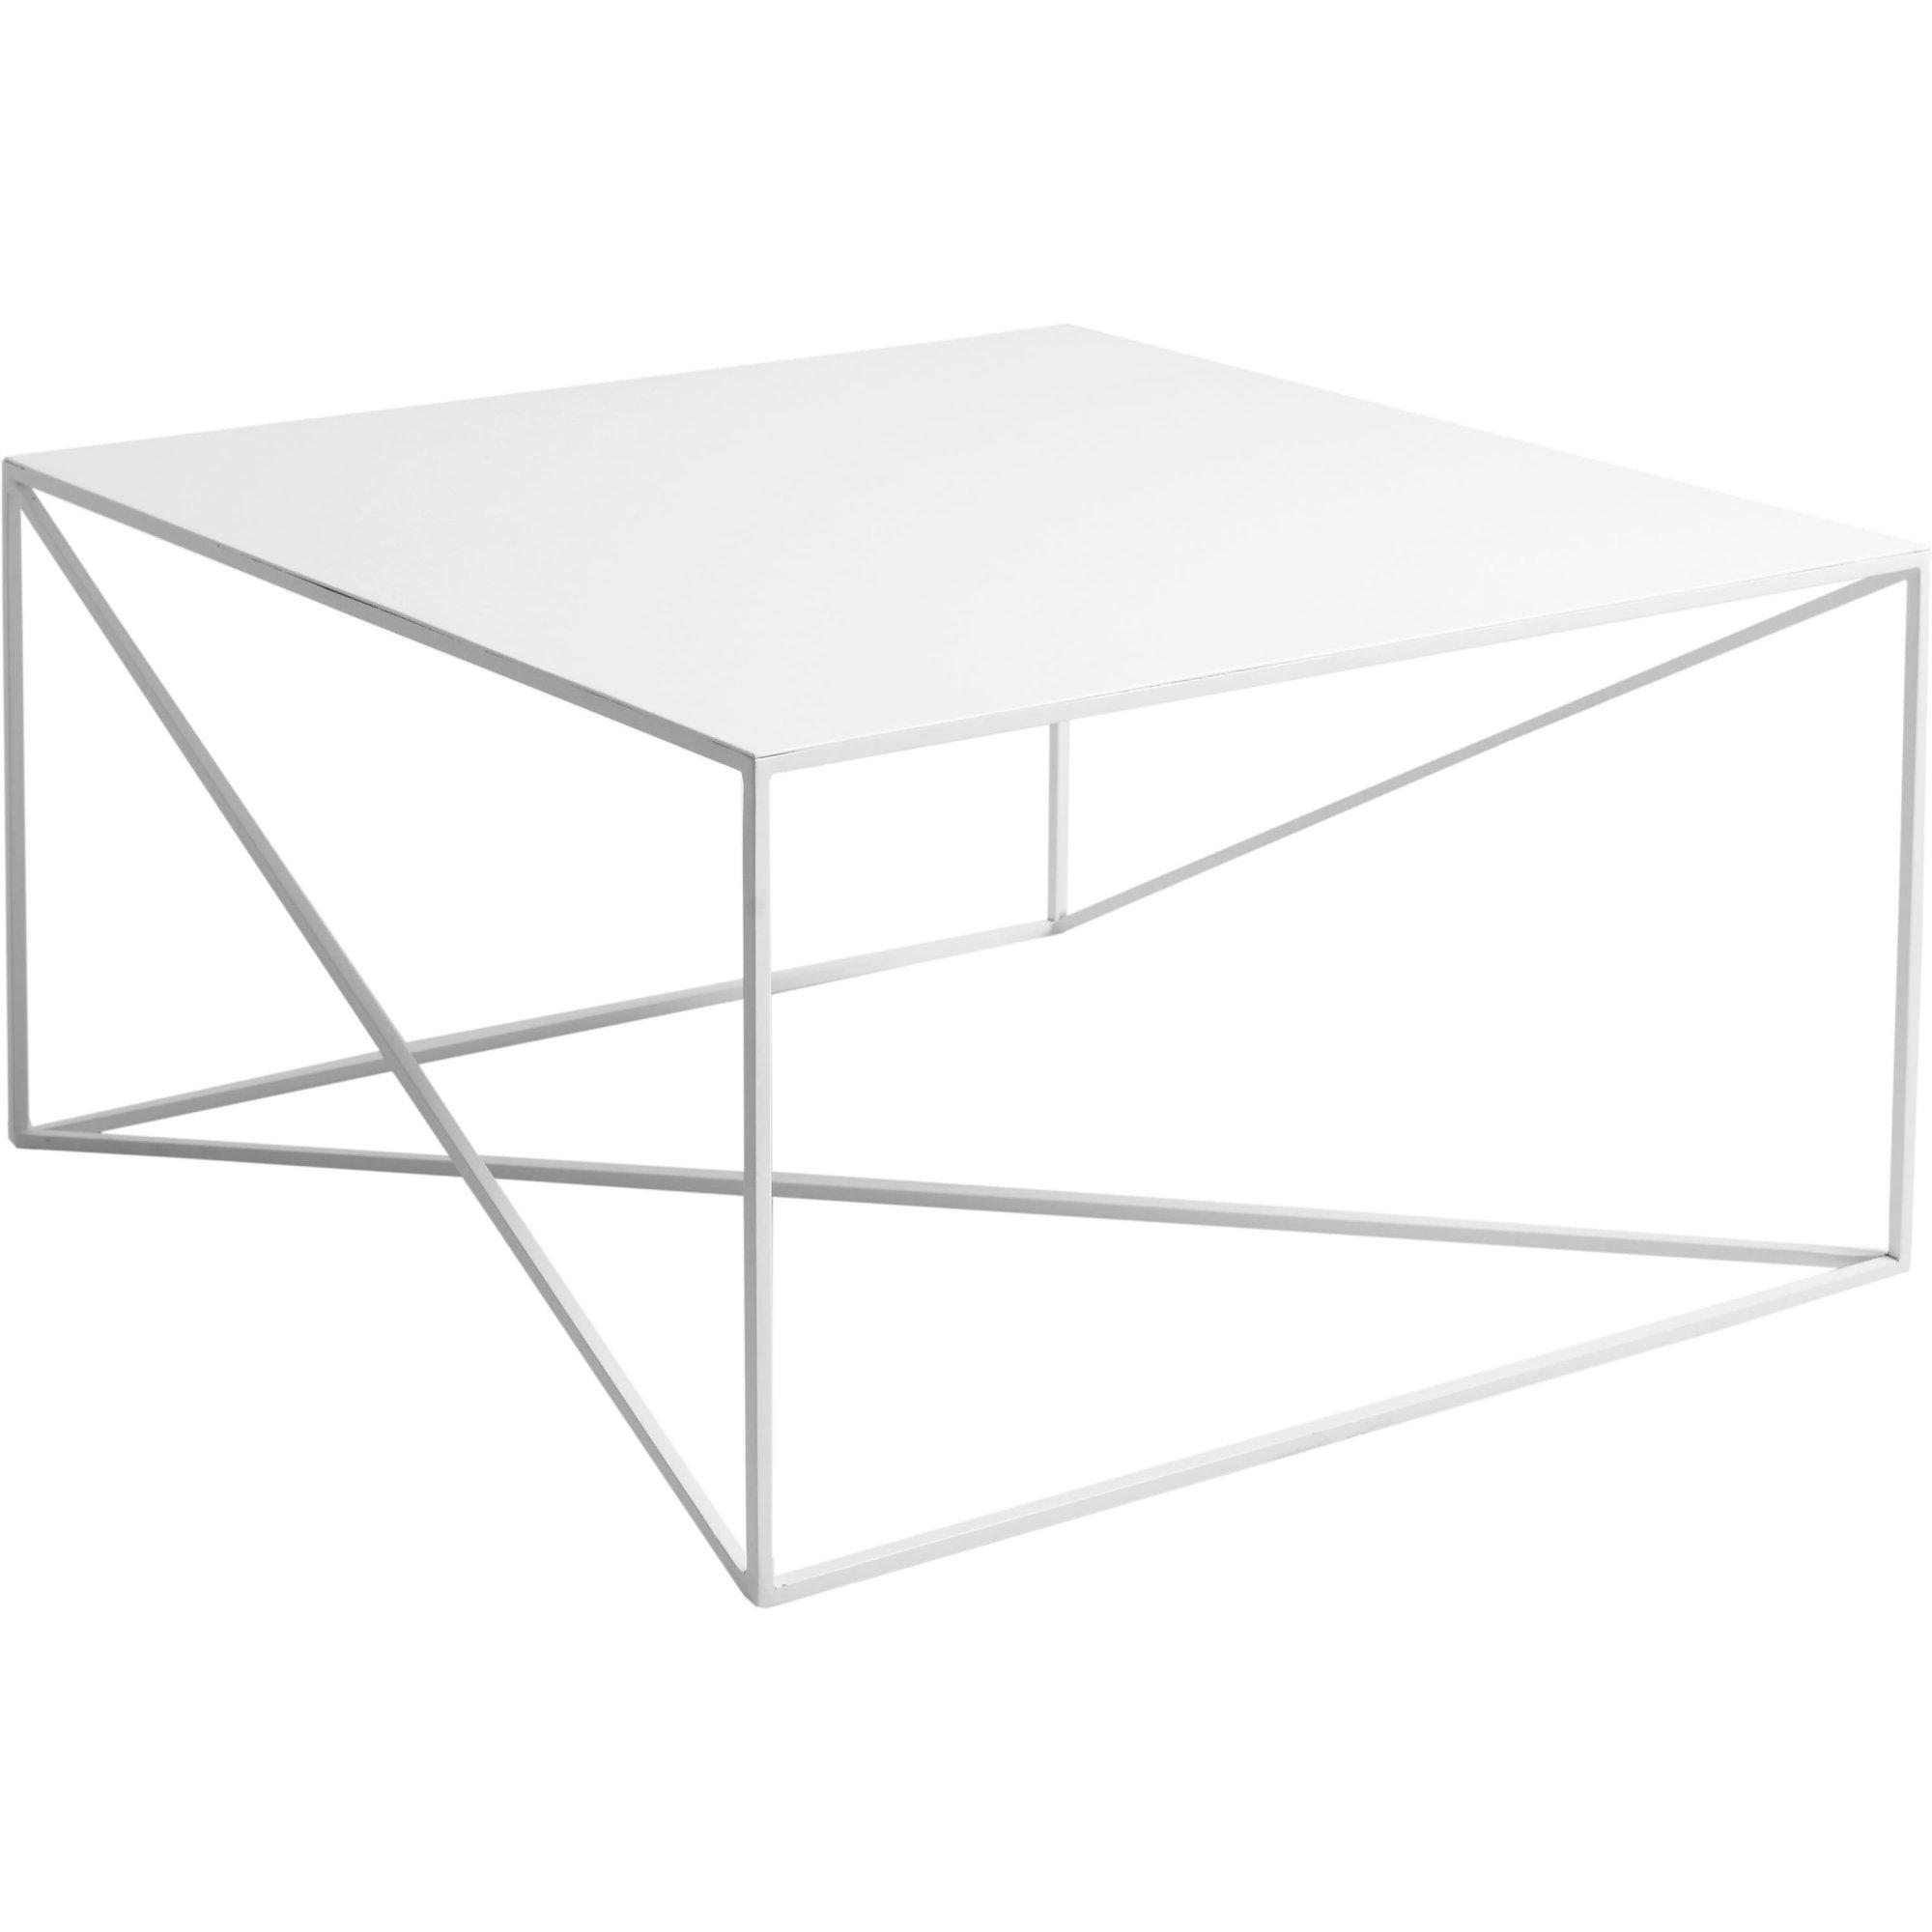 Table basse carré en métal blanc l80cm